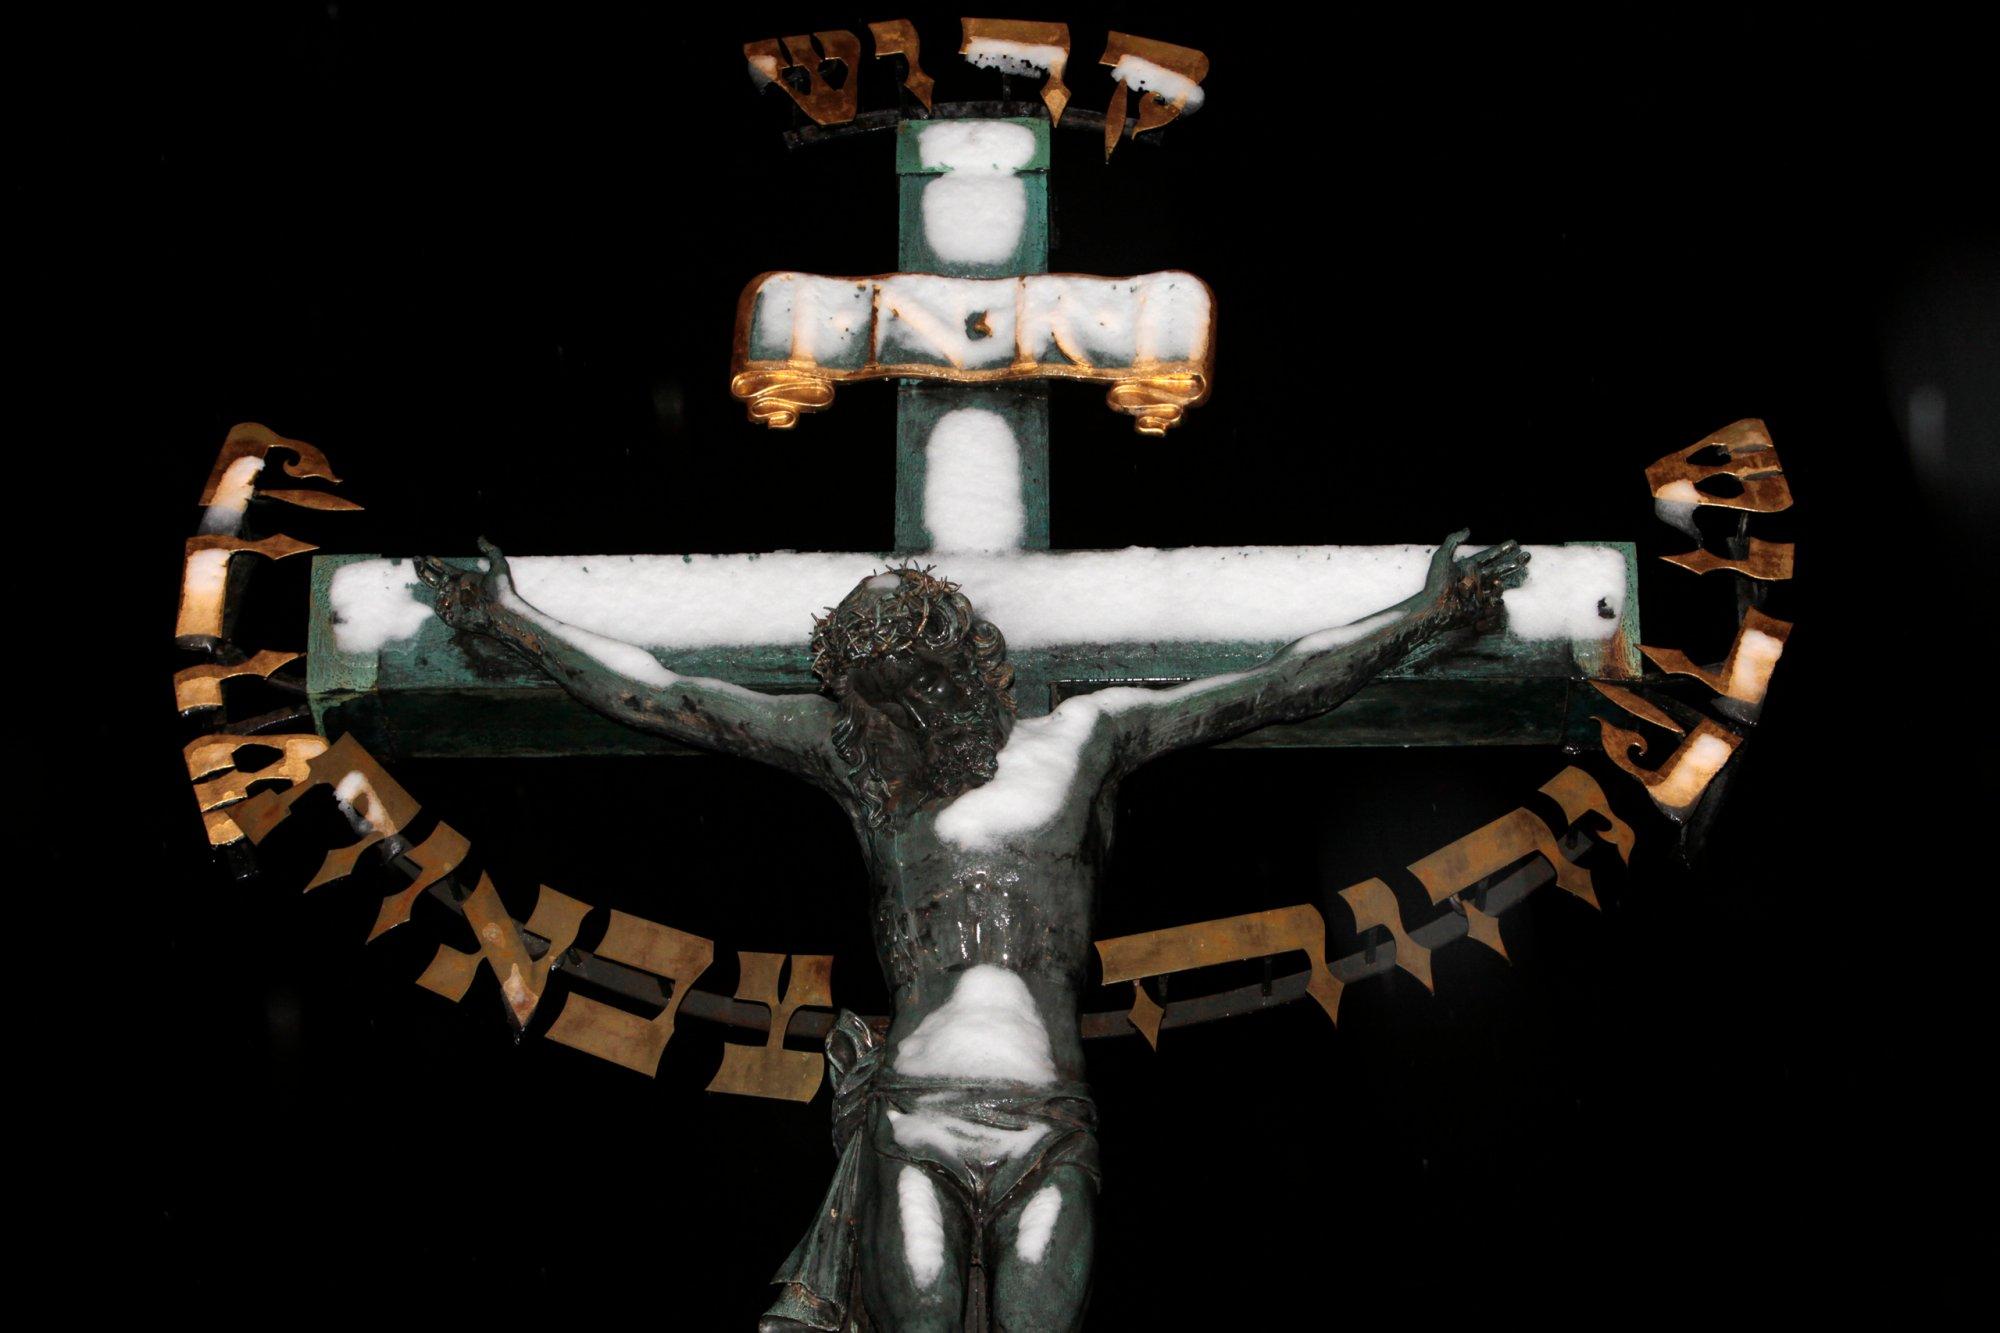 Говорят, что в смерти Иисуса Христа виноваты евреи, а так ли это?